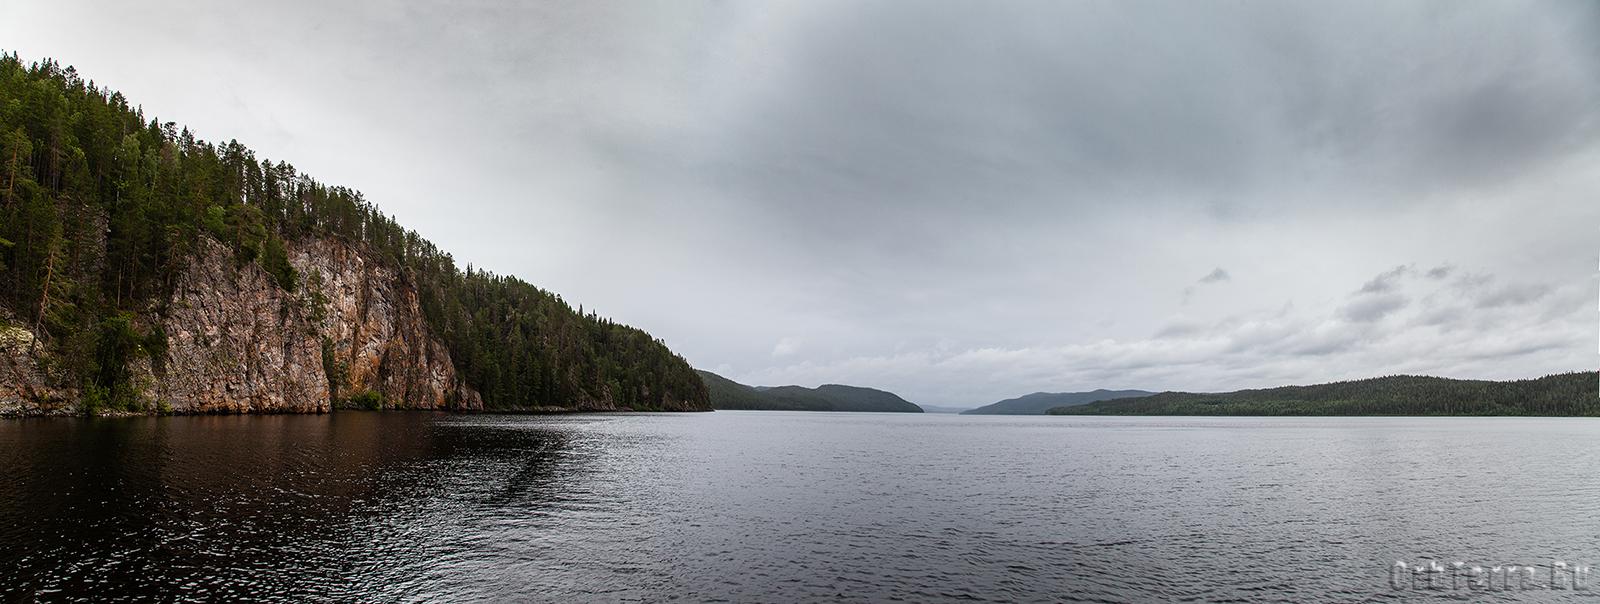 Панорама озера Паанаярви.